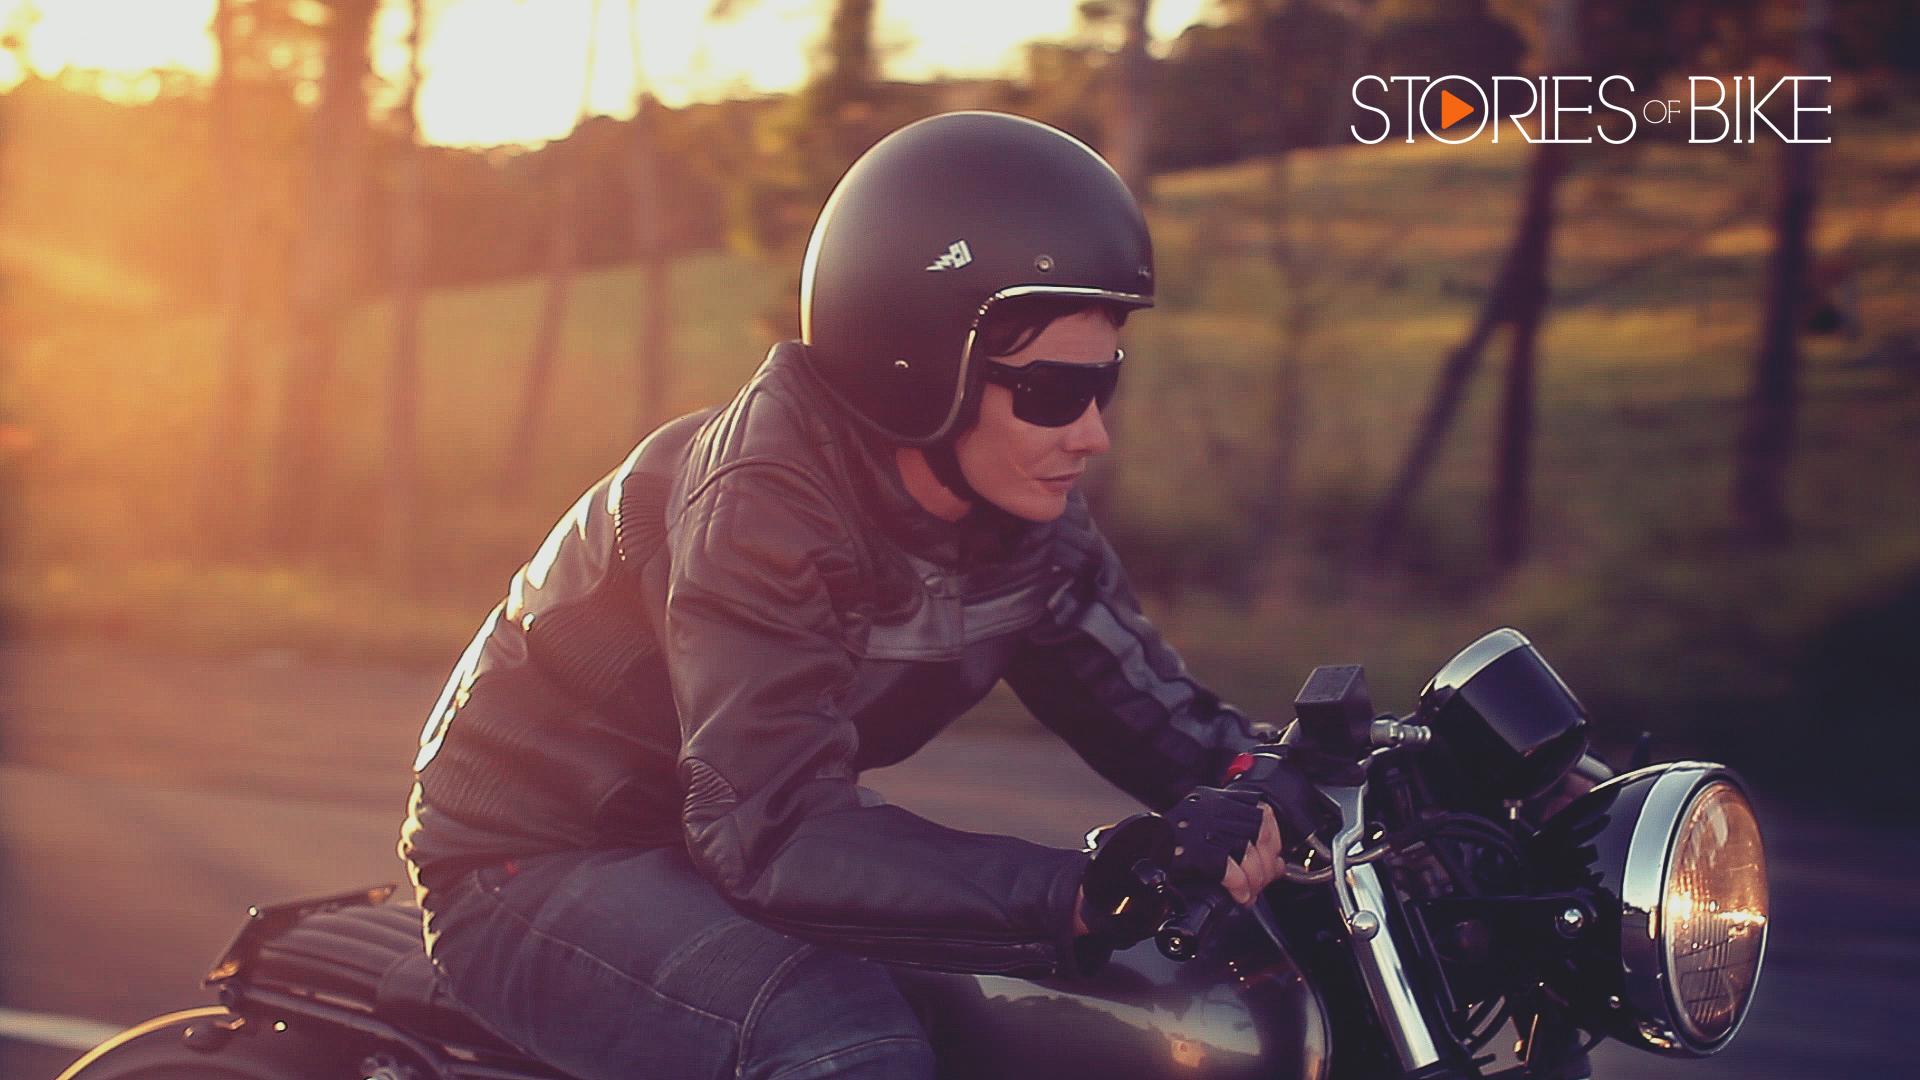 Stories_of_Bike_Ep10_11.jpg